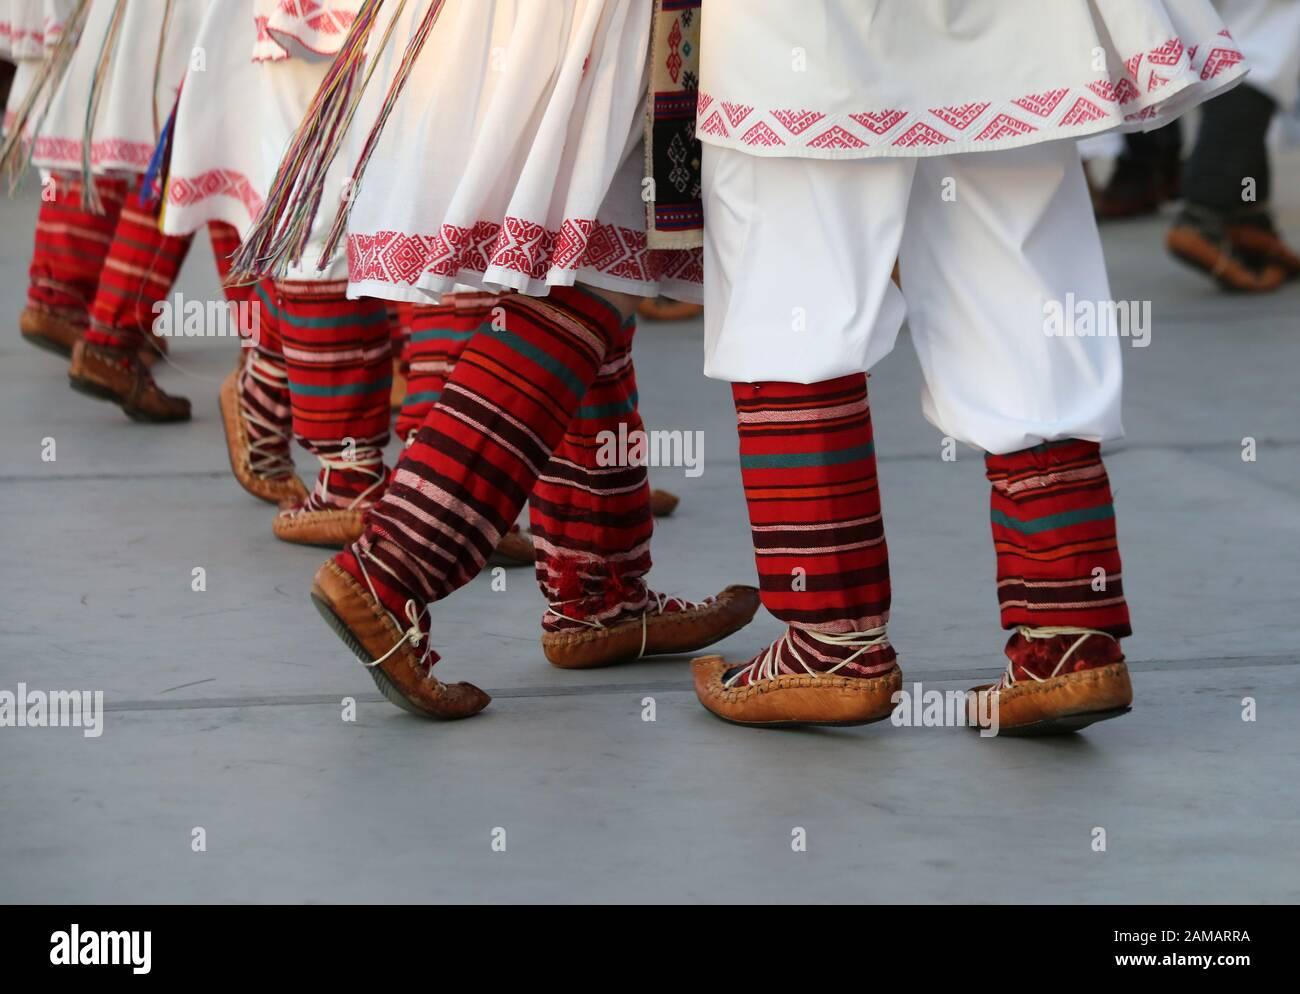 Bailarines profesionales del Timisul Folklore Ensemble tienen las manos en una danza tradicional rumana con trajes tradicionales hermosos. Foto de stock